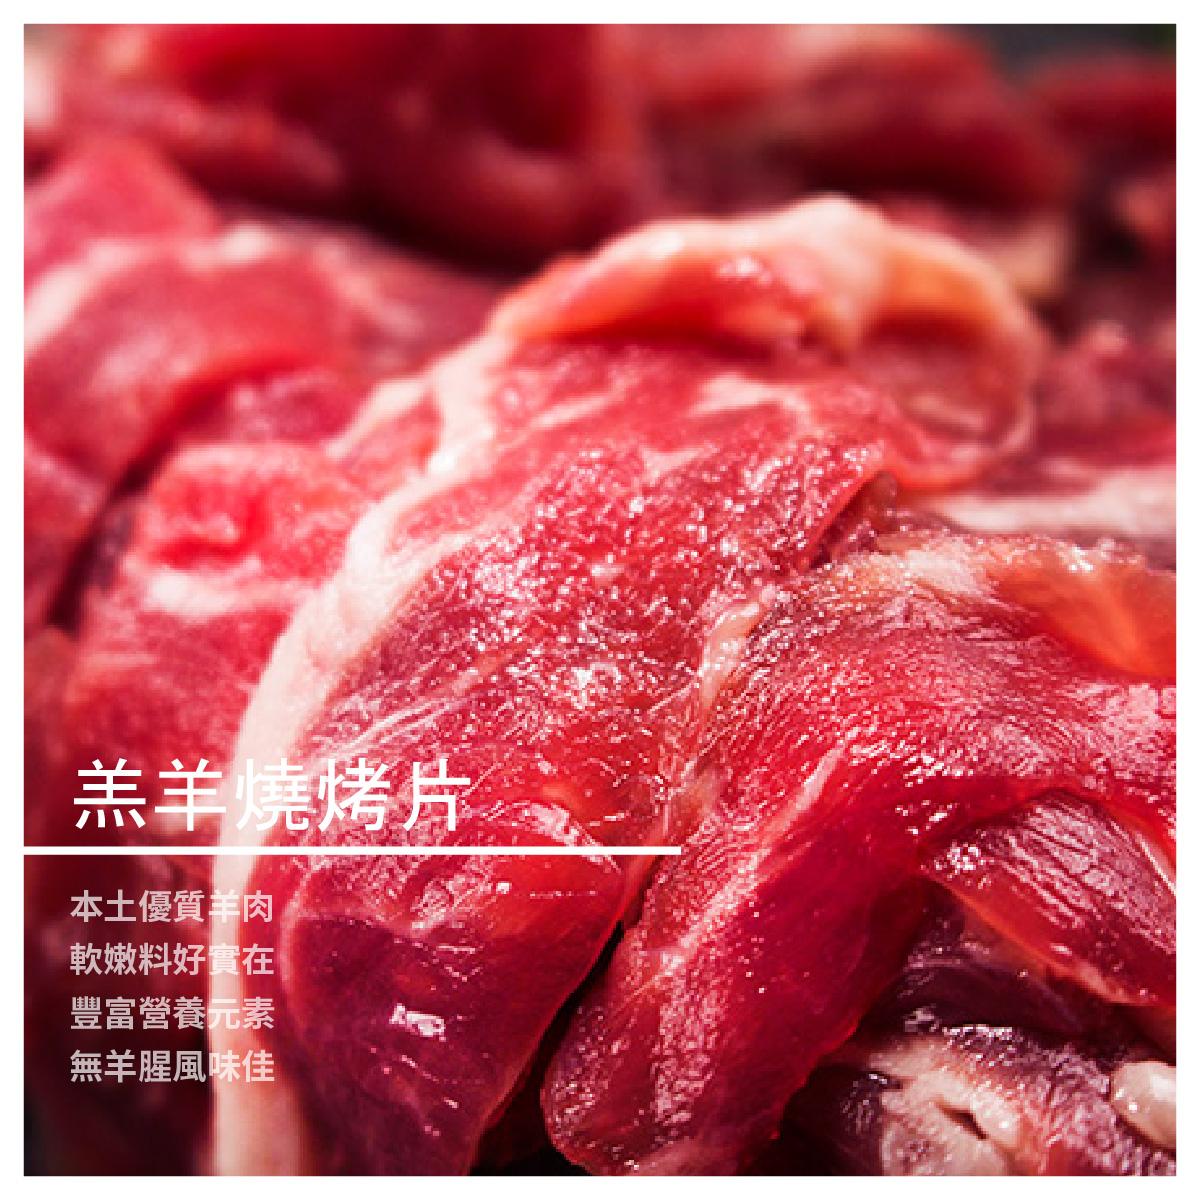 【惠源牧場 阿源本土羊肉】阿源本土小羔羊-羔羊燒烤片/200g/包